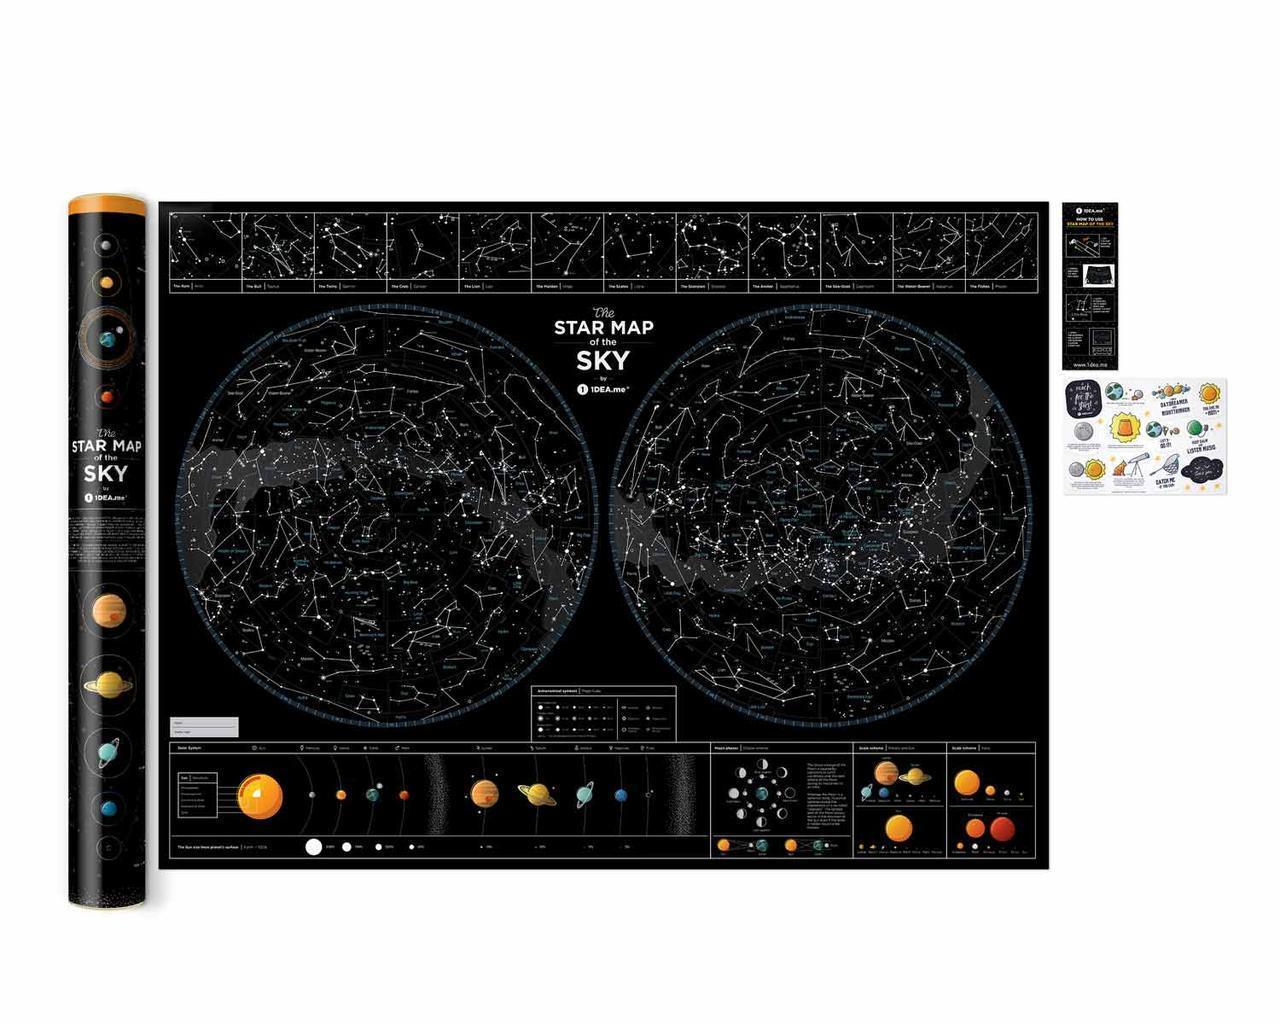 Светящаяся в темноте карта ночного небосвода Star map of the sky  карта неба   оригинальный подарок